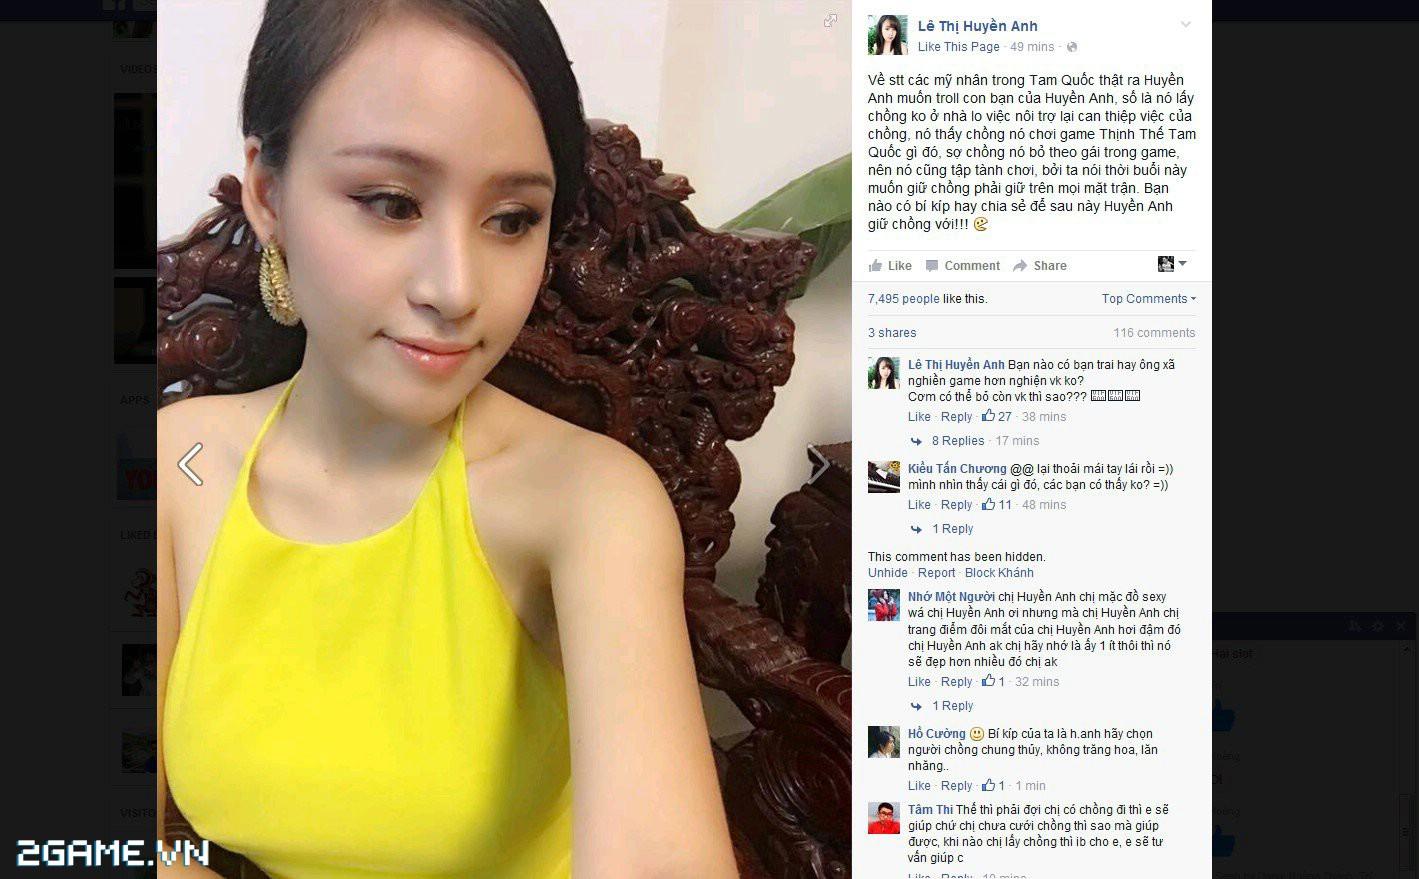 Thịnh Thế Tam Quốc: Ngập chuyện gái ngoan hư theo cách nhìn Tam Quốc trên mạng 0